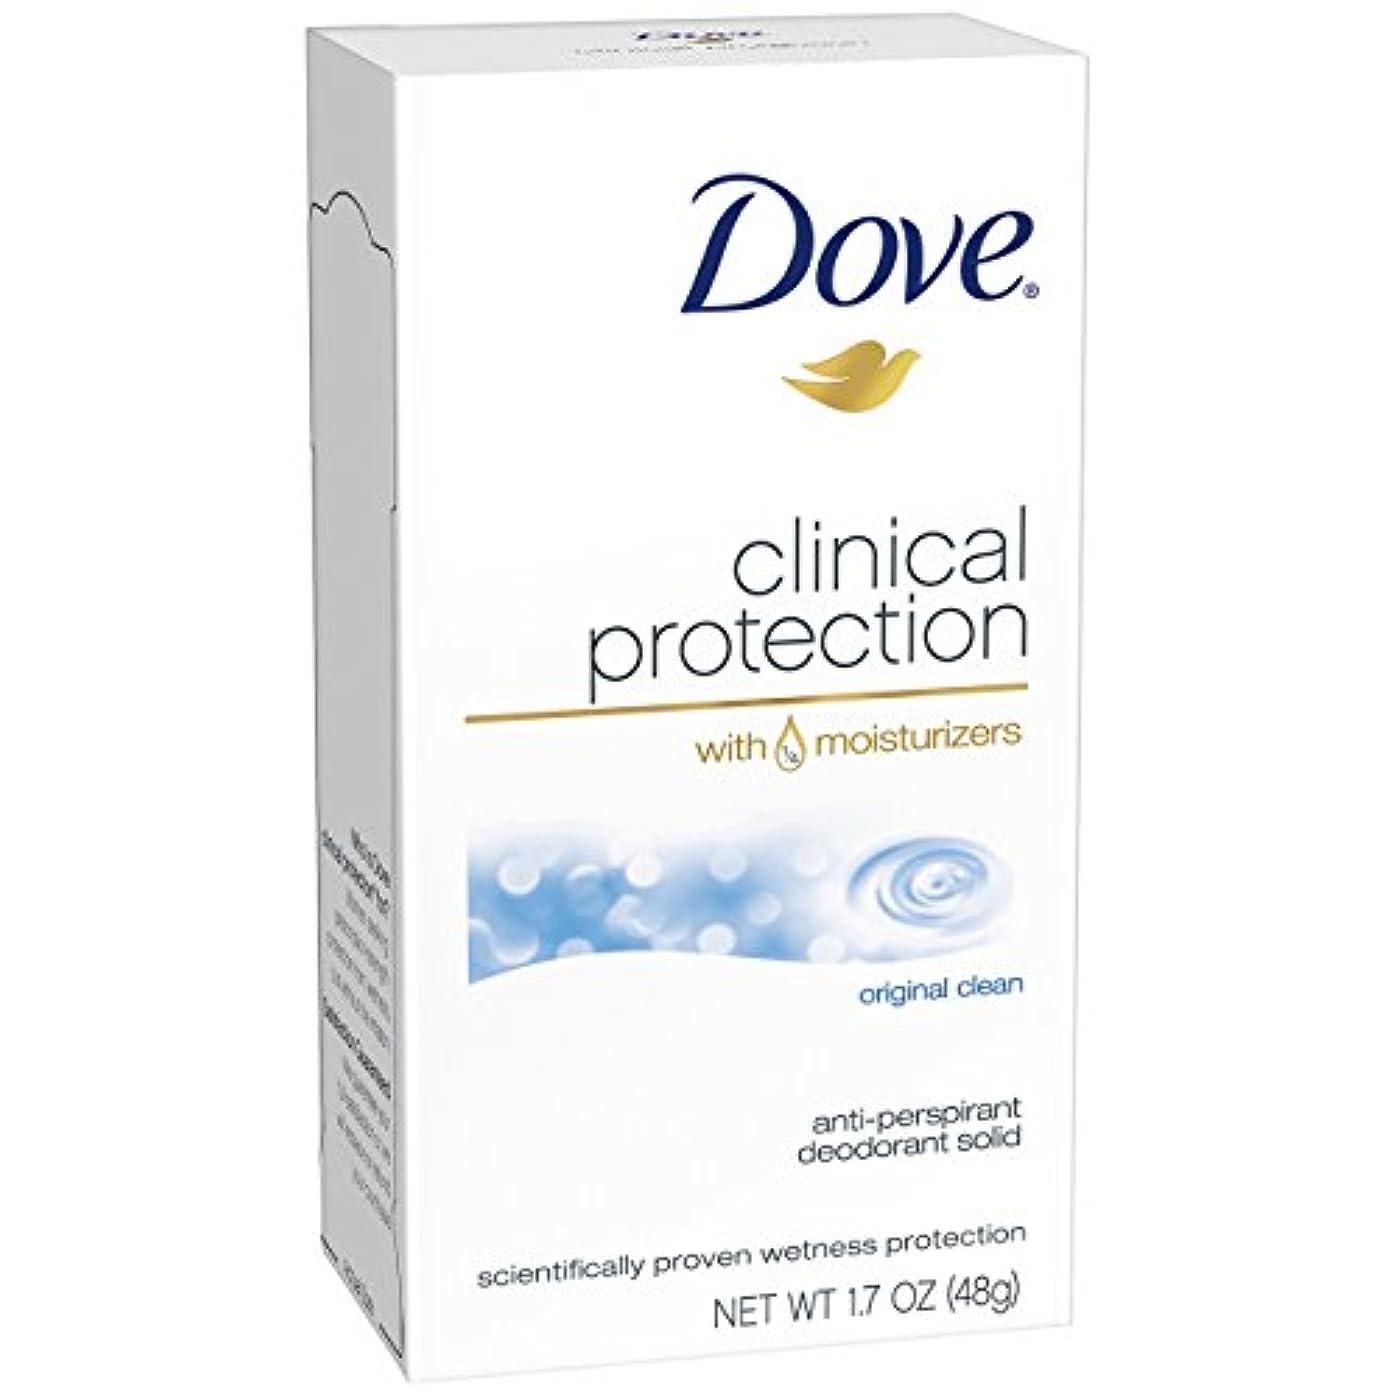 細断透けて見えるインドダヴ クリ二カルプロテクション オリジナルクリーン デオドラント固形48g Dove Clinical Protection Antiperspirant Deodorant, Original Clean[並行輸入品]